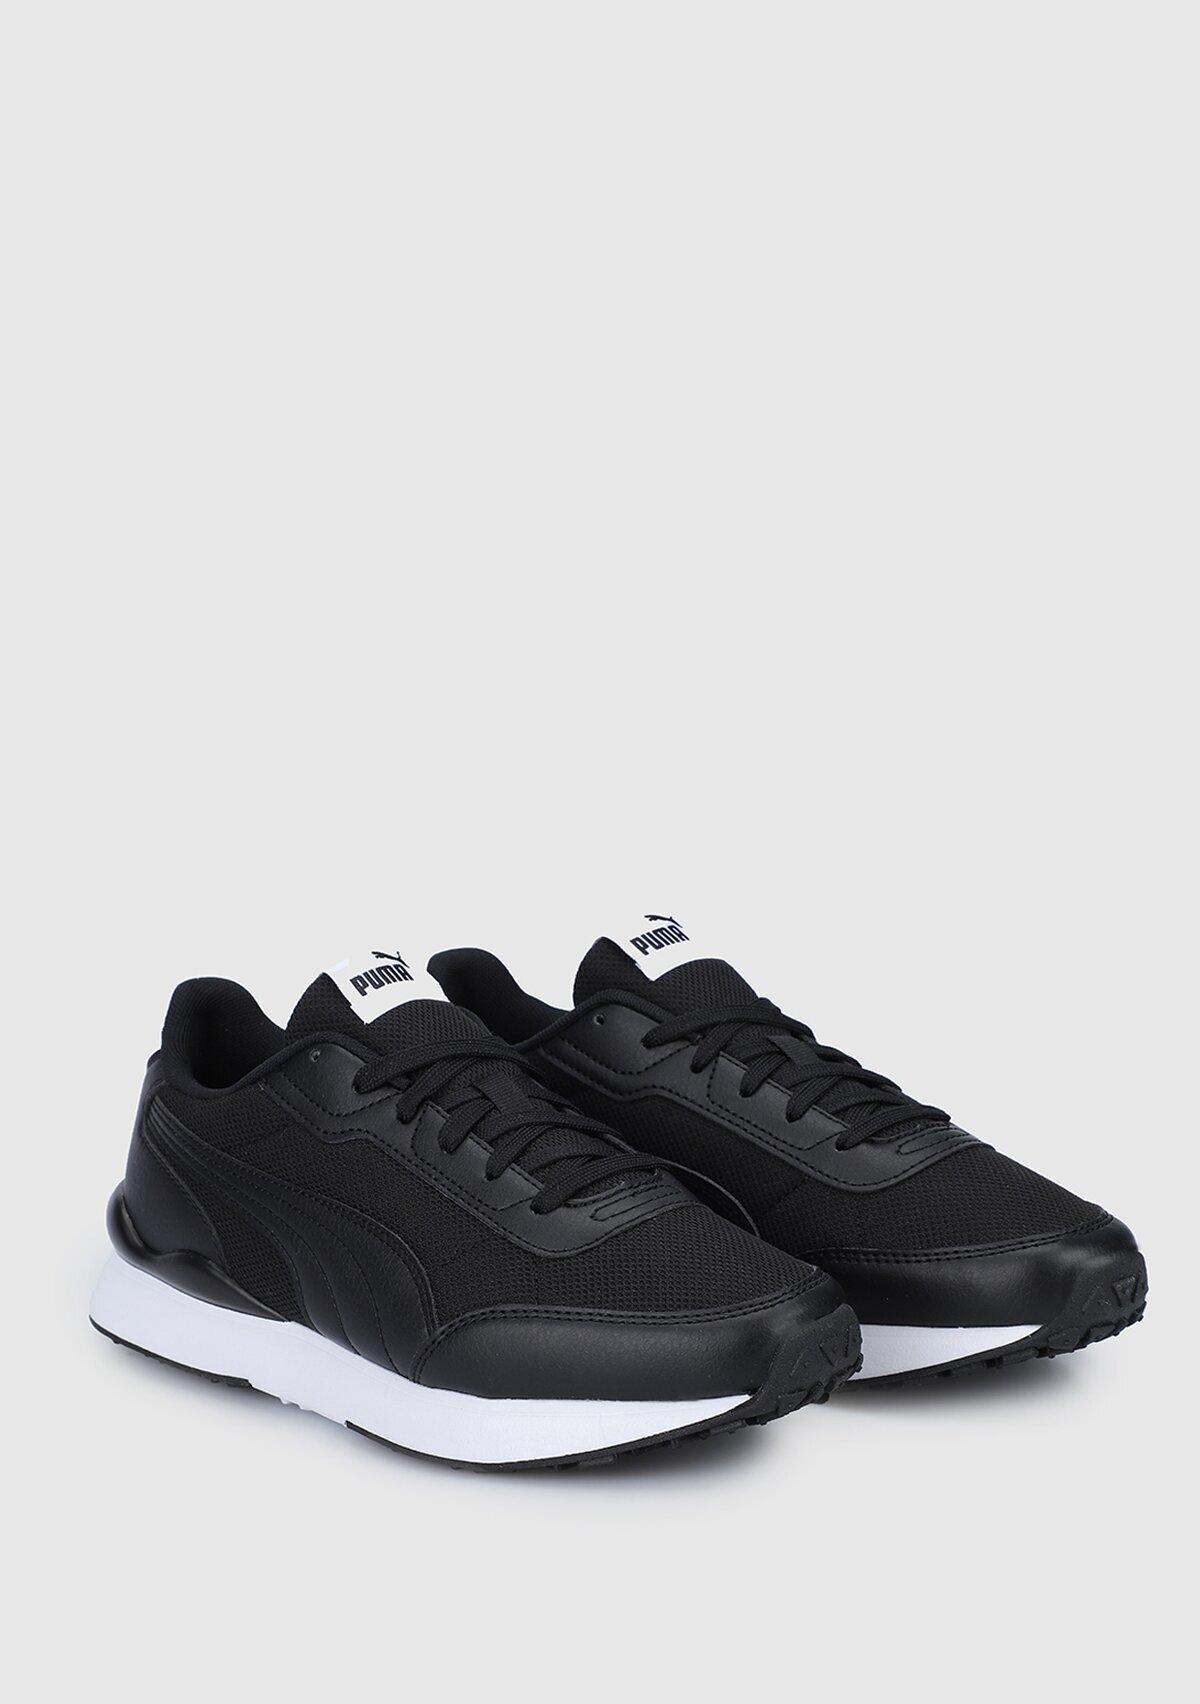 resm R78 Futr Decon Jr  Siyah Kadın Sneaker 37576301